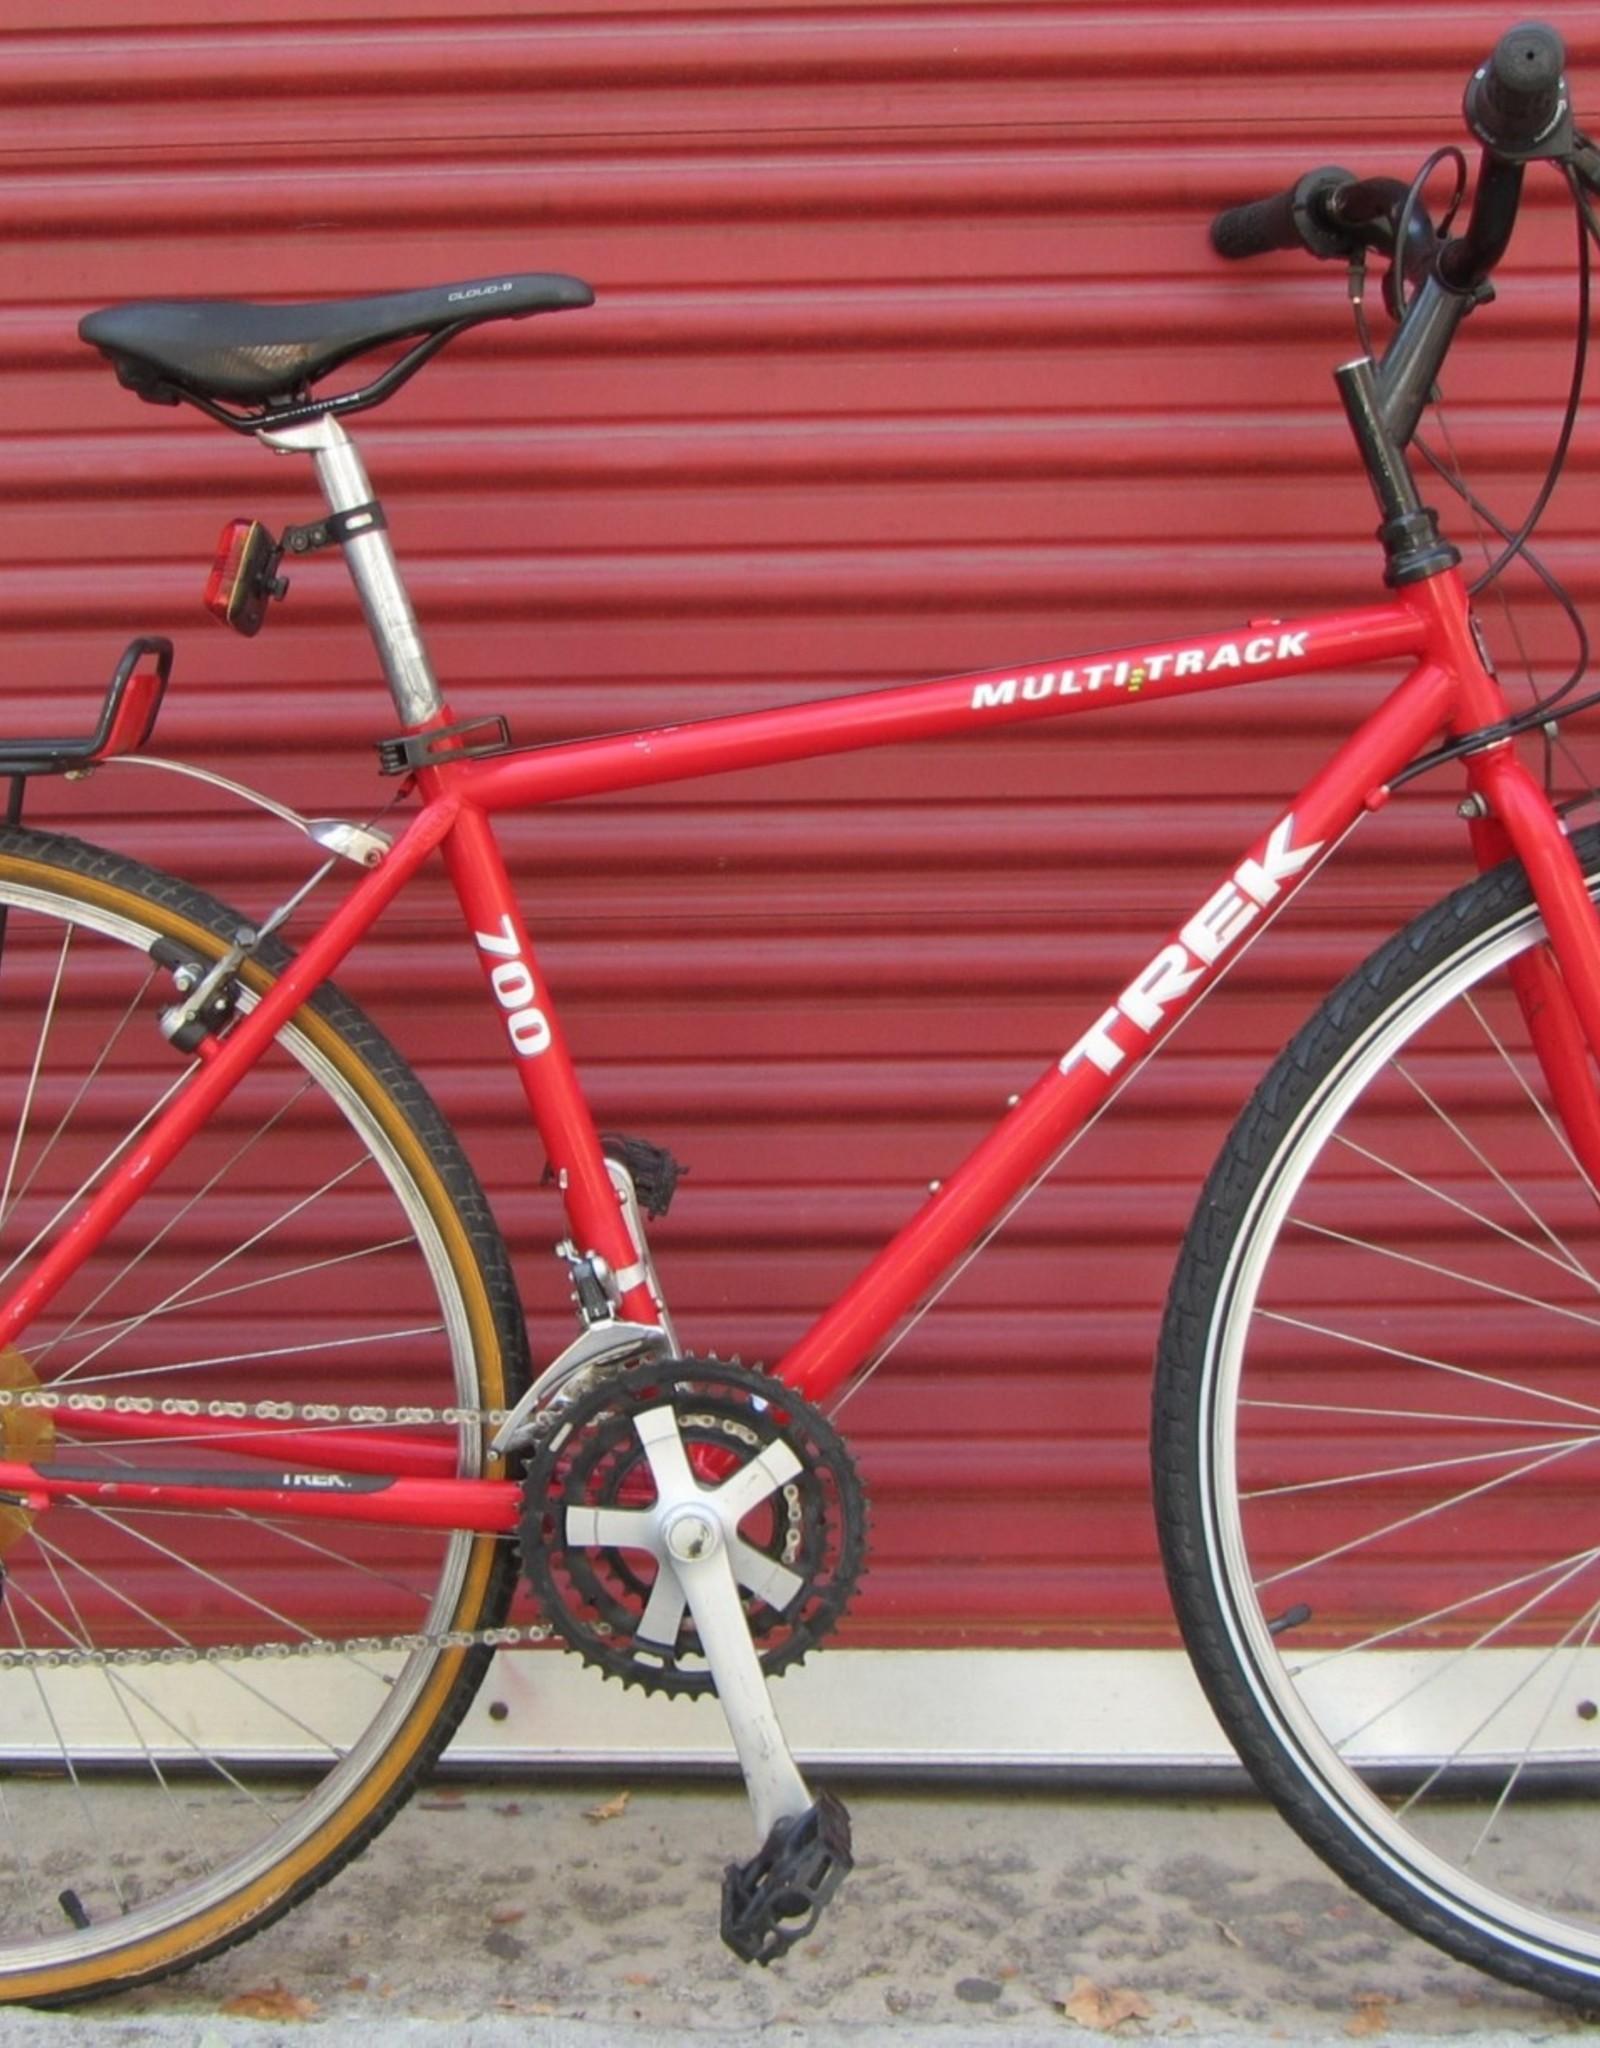 Trek Trek 700 Multitrack Vintage Hybrid #2912, 18 Inches, 1997, Red